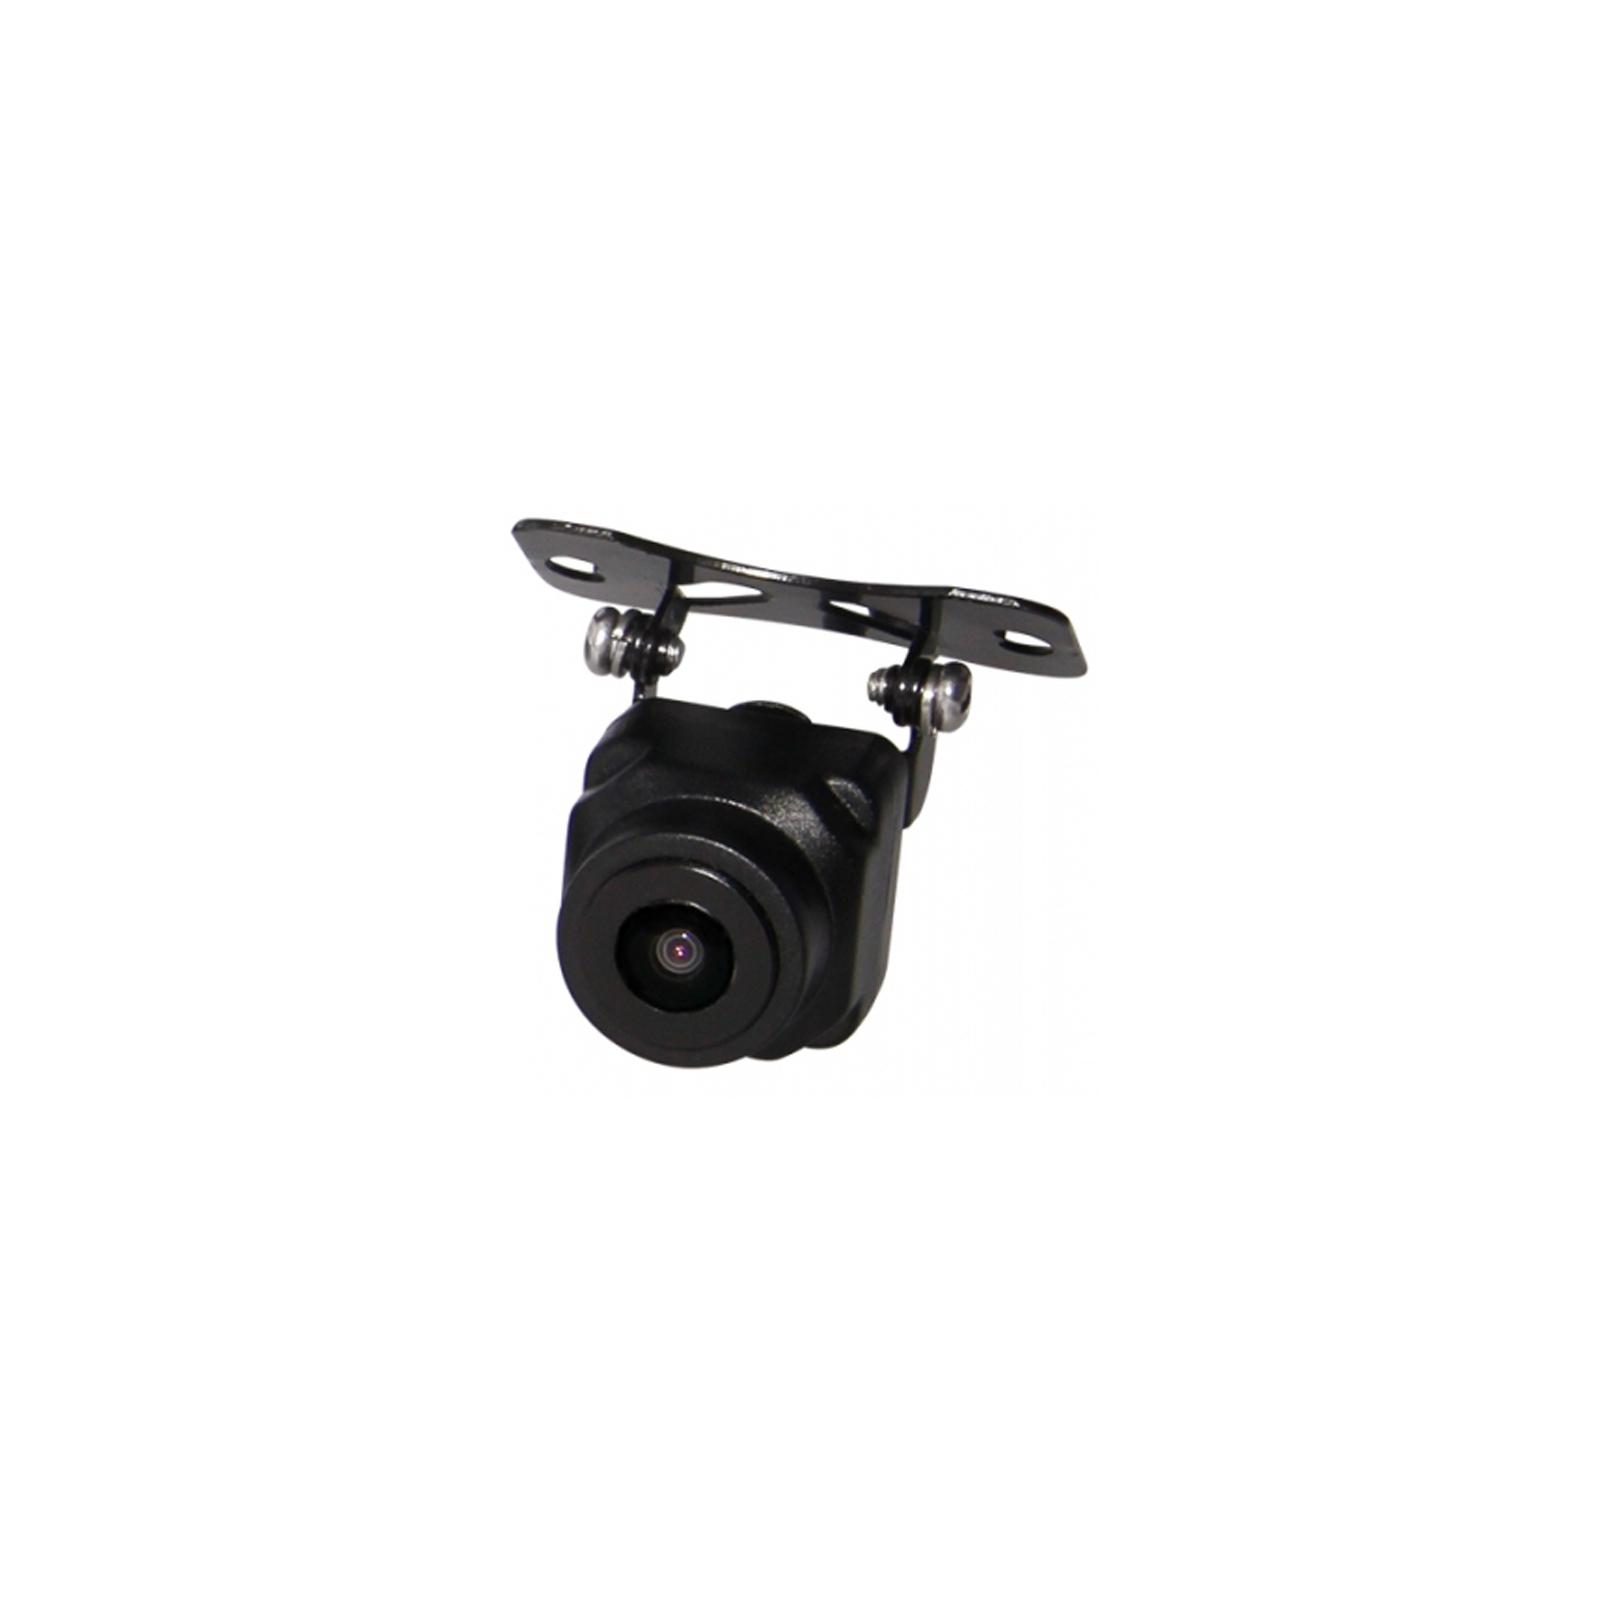 Видеорегистратор Gazer Система кругового обзора CKR4400 (CKR4400) изображение 4